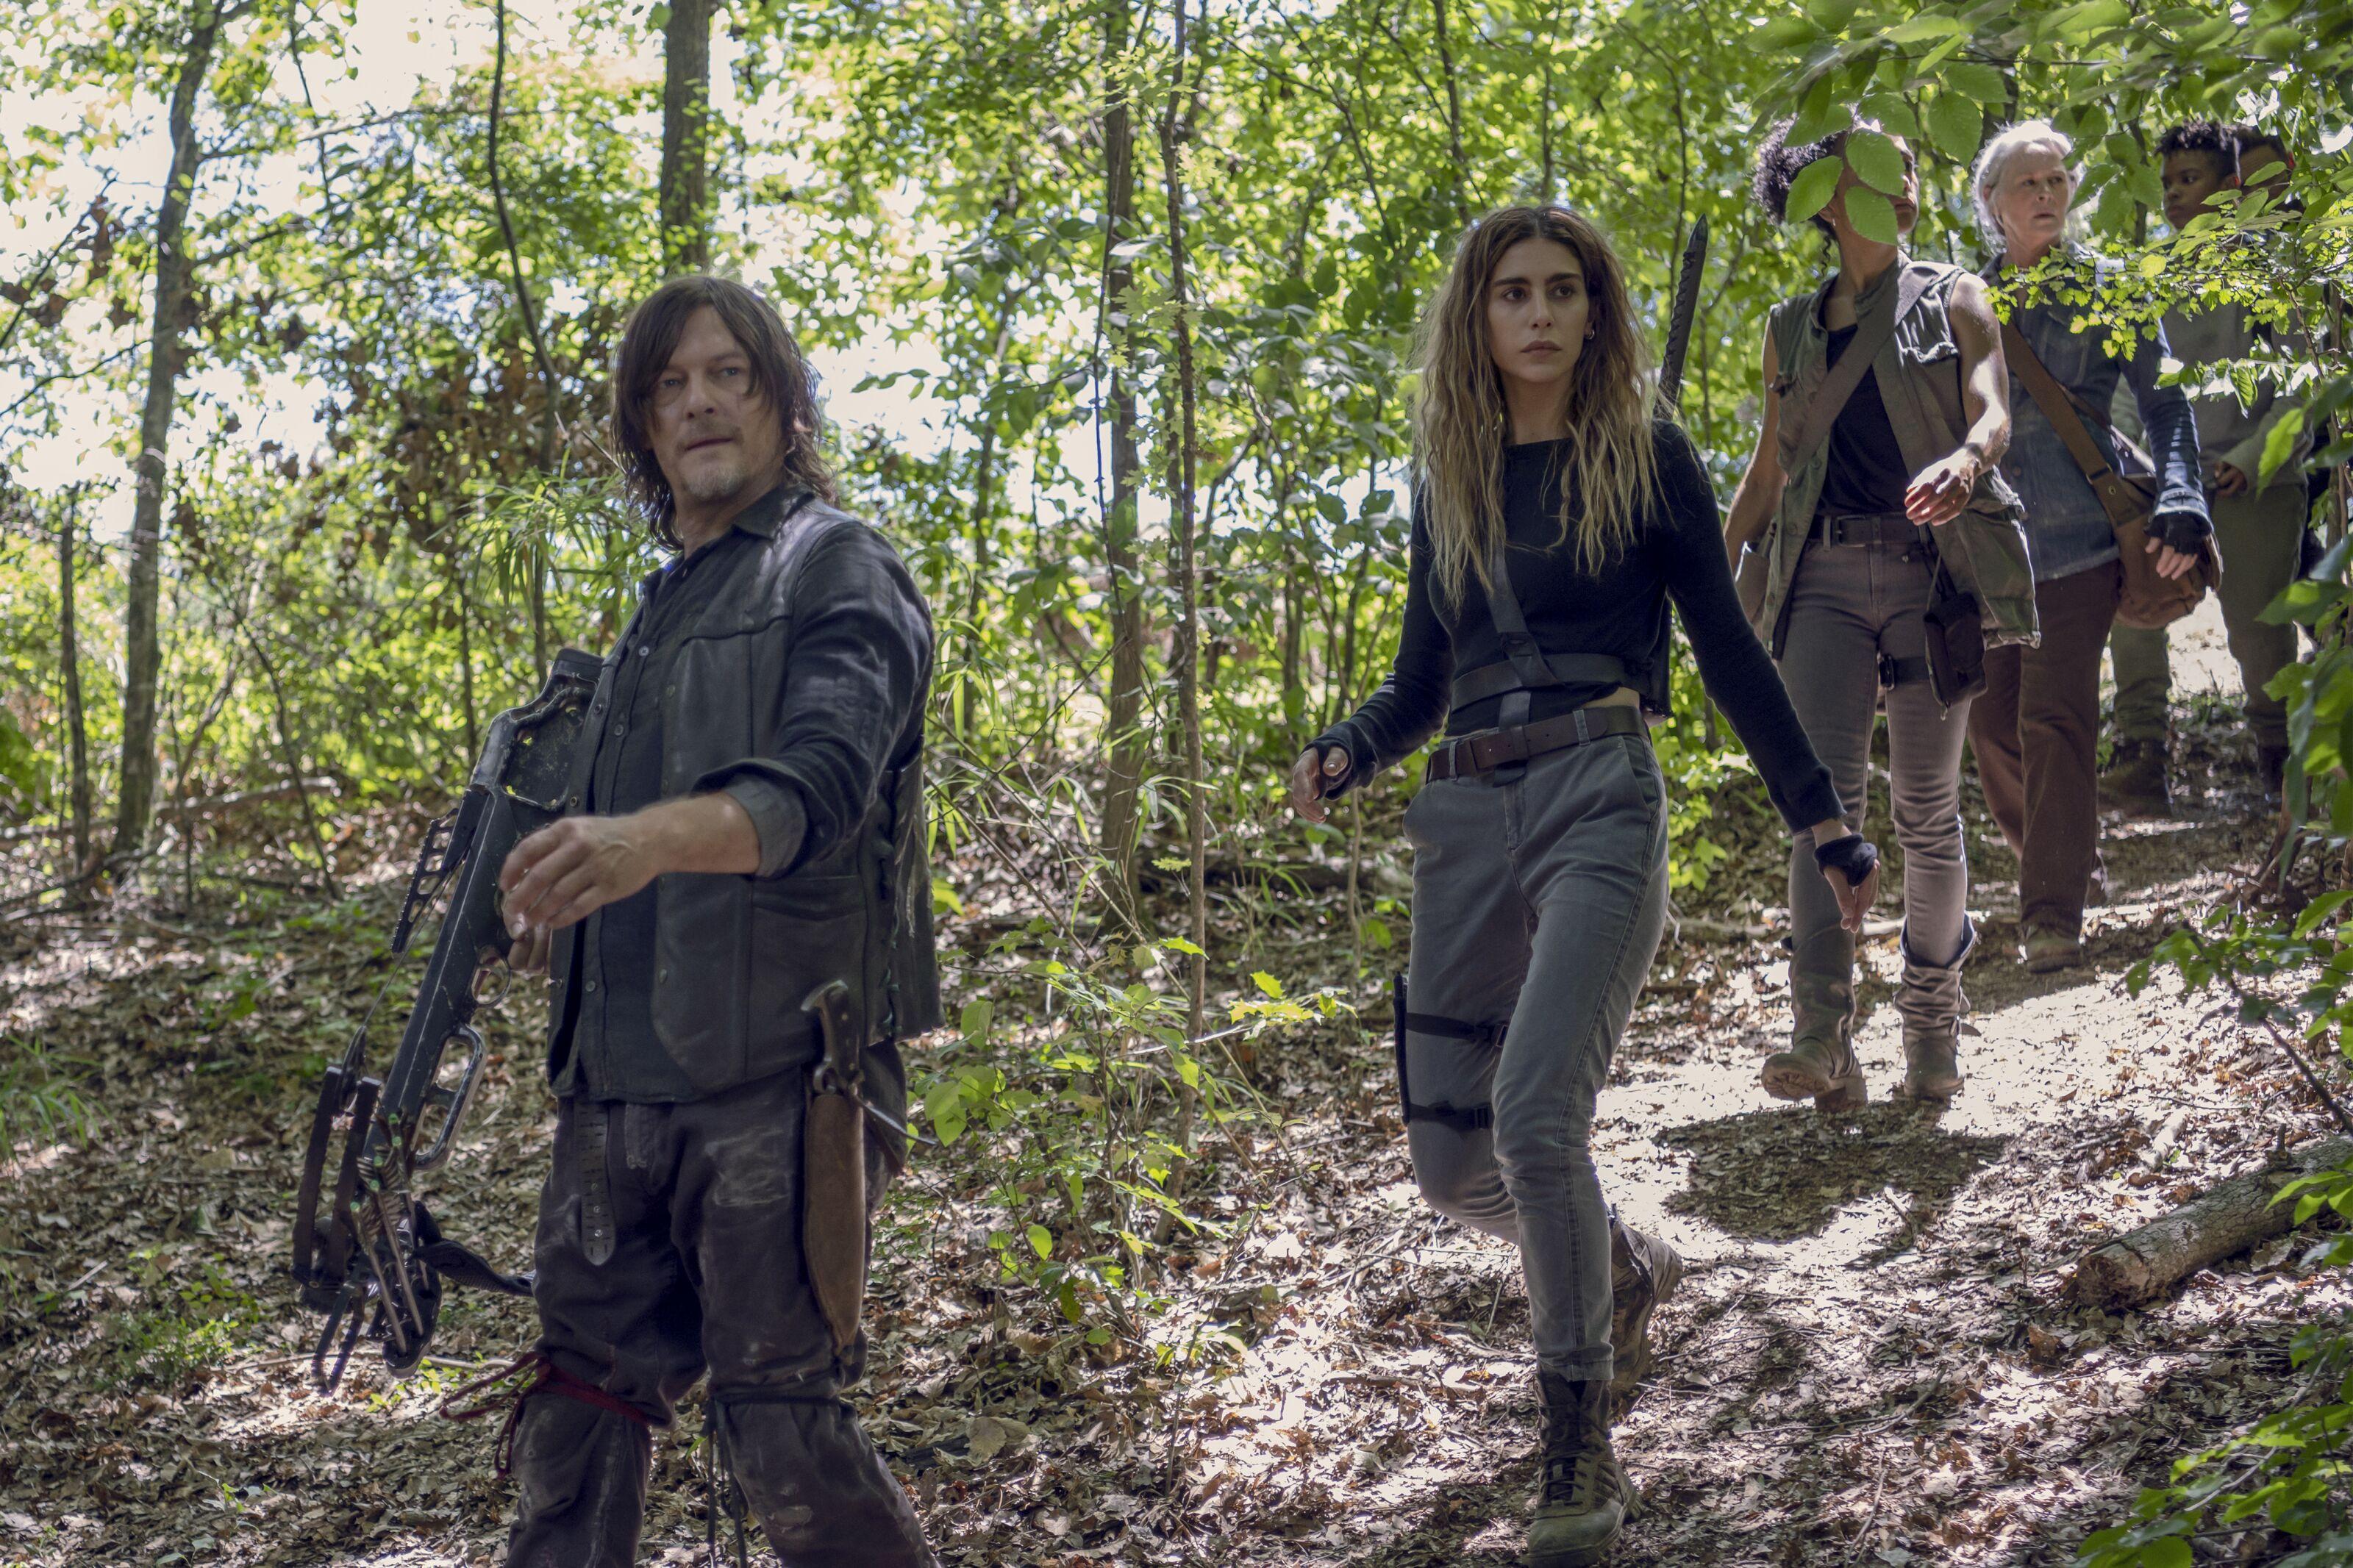 Watch: Opening minutes of The Walking Dead midseason premiere